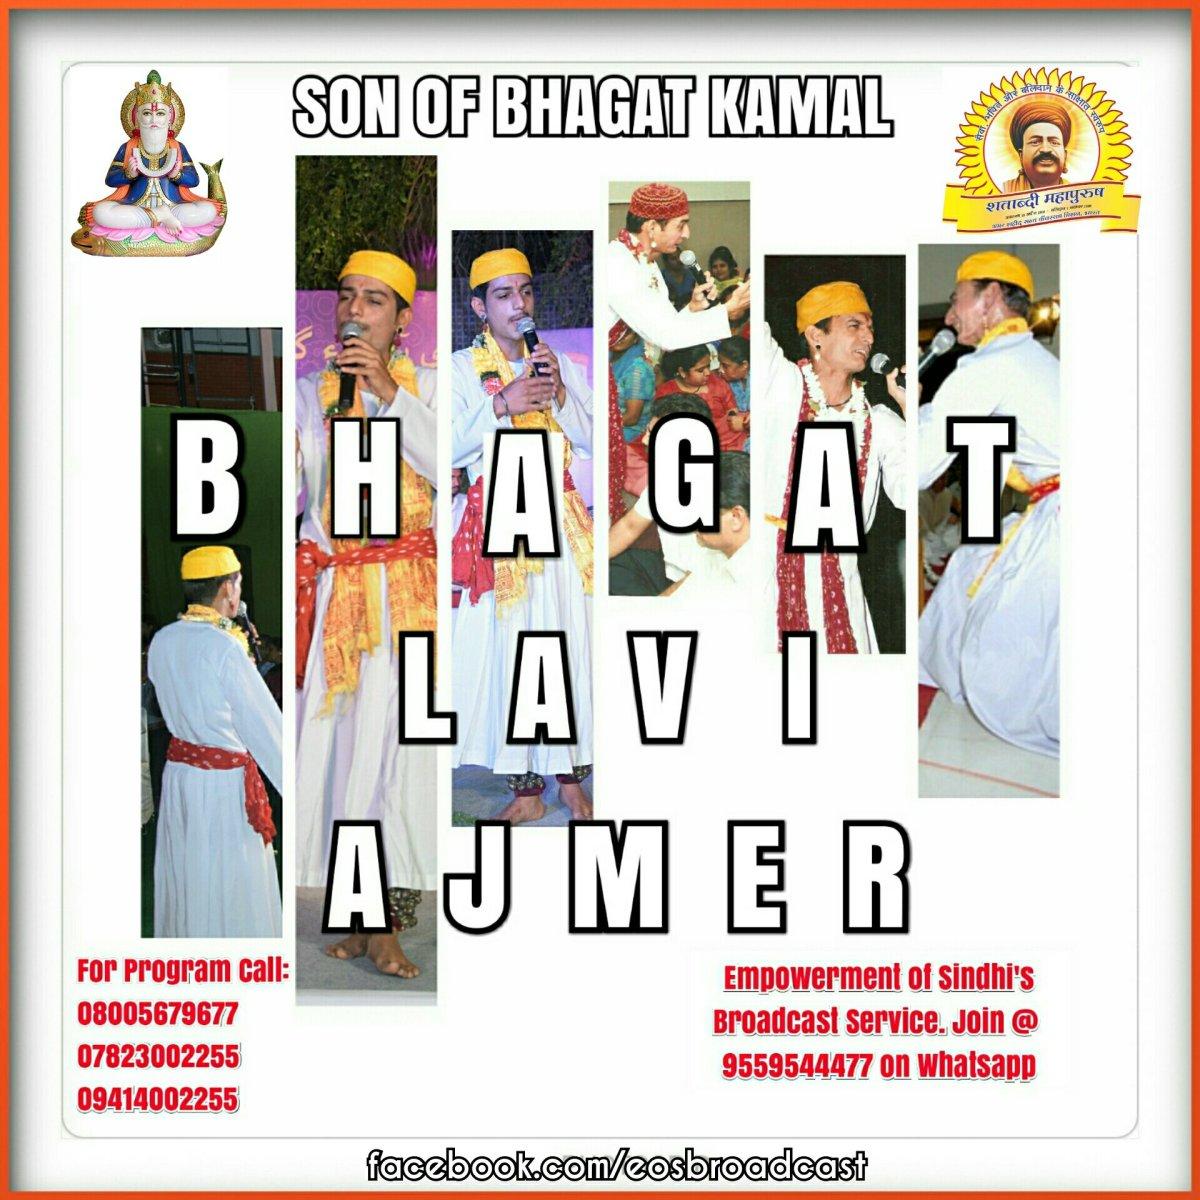 Bhagat Lavi S/O Kamal Bhagat, Ajmer